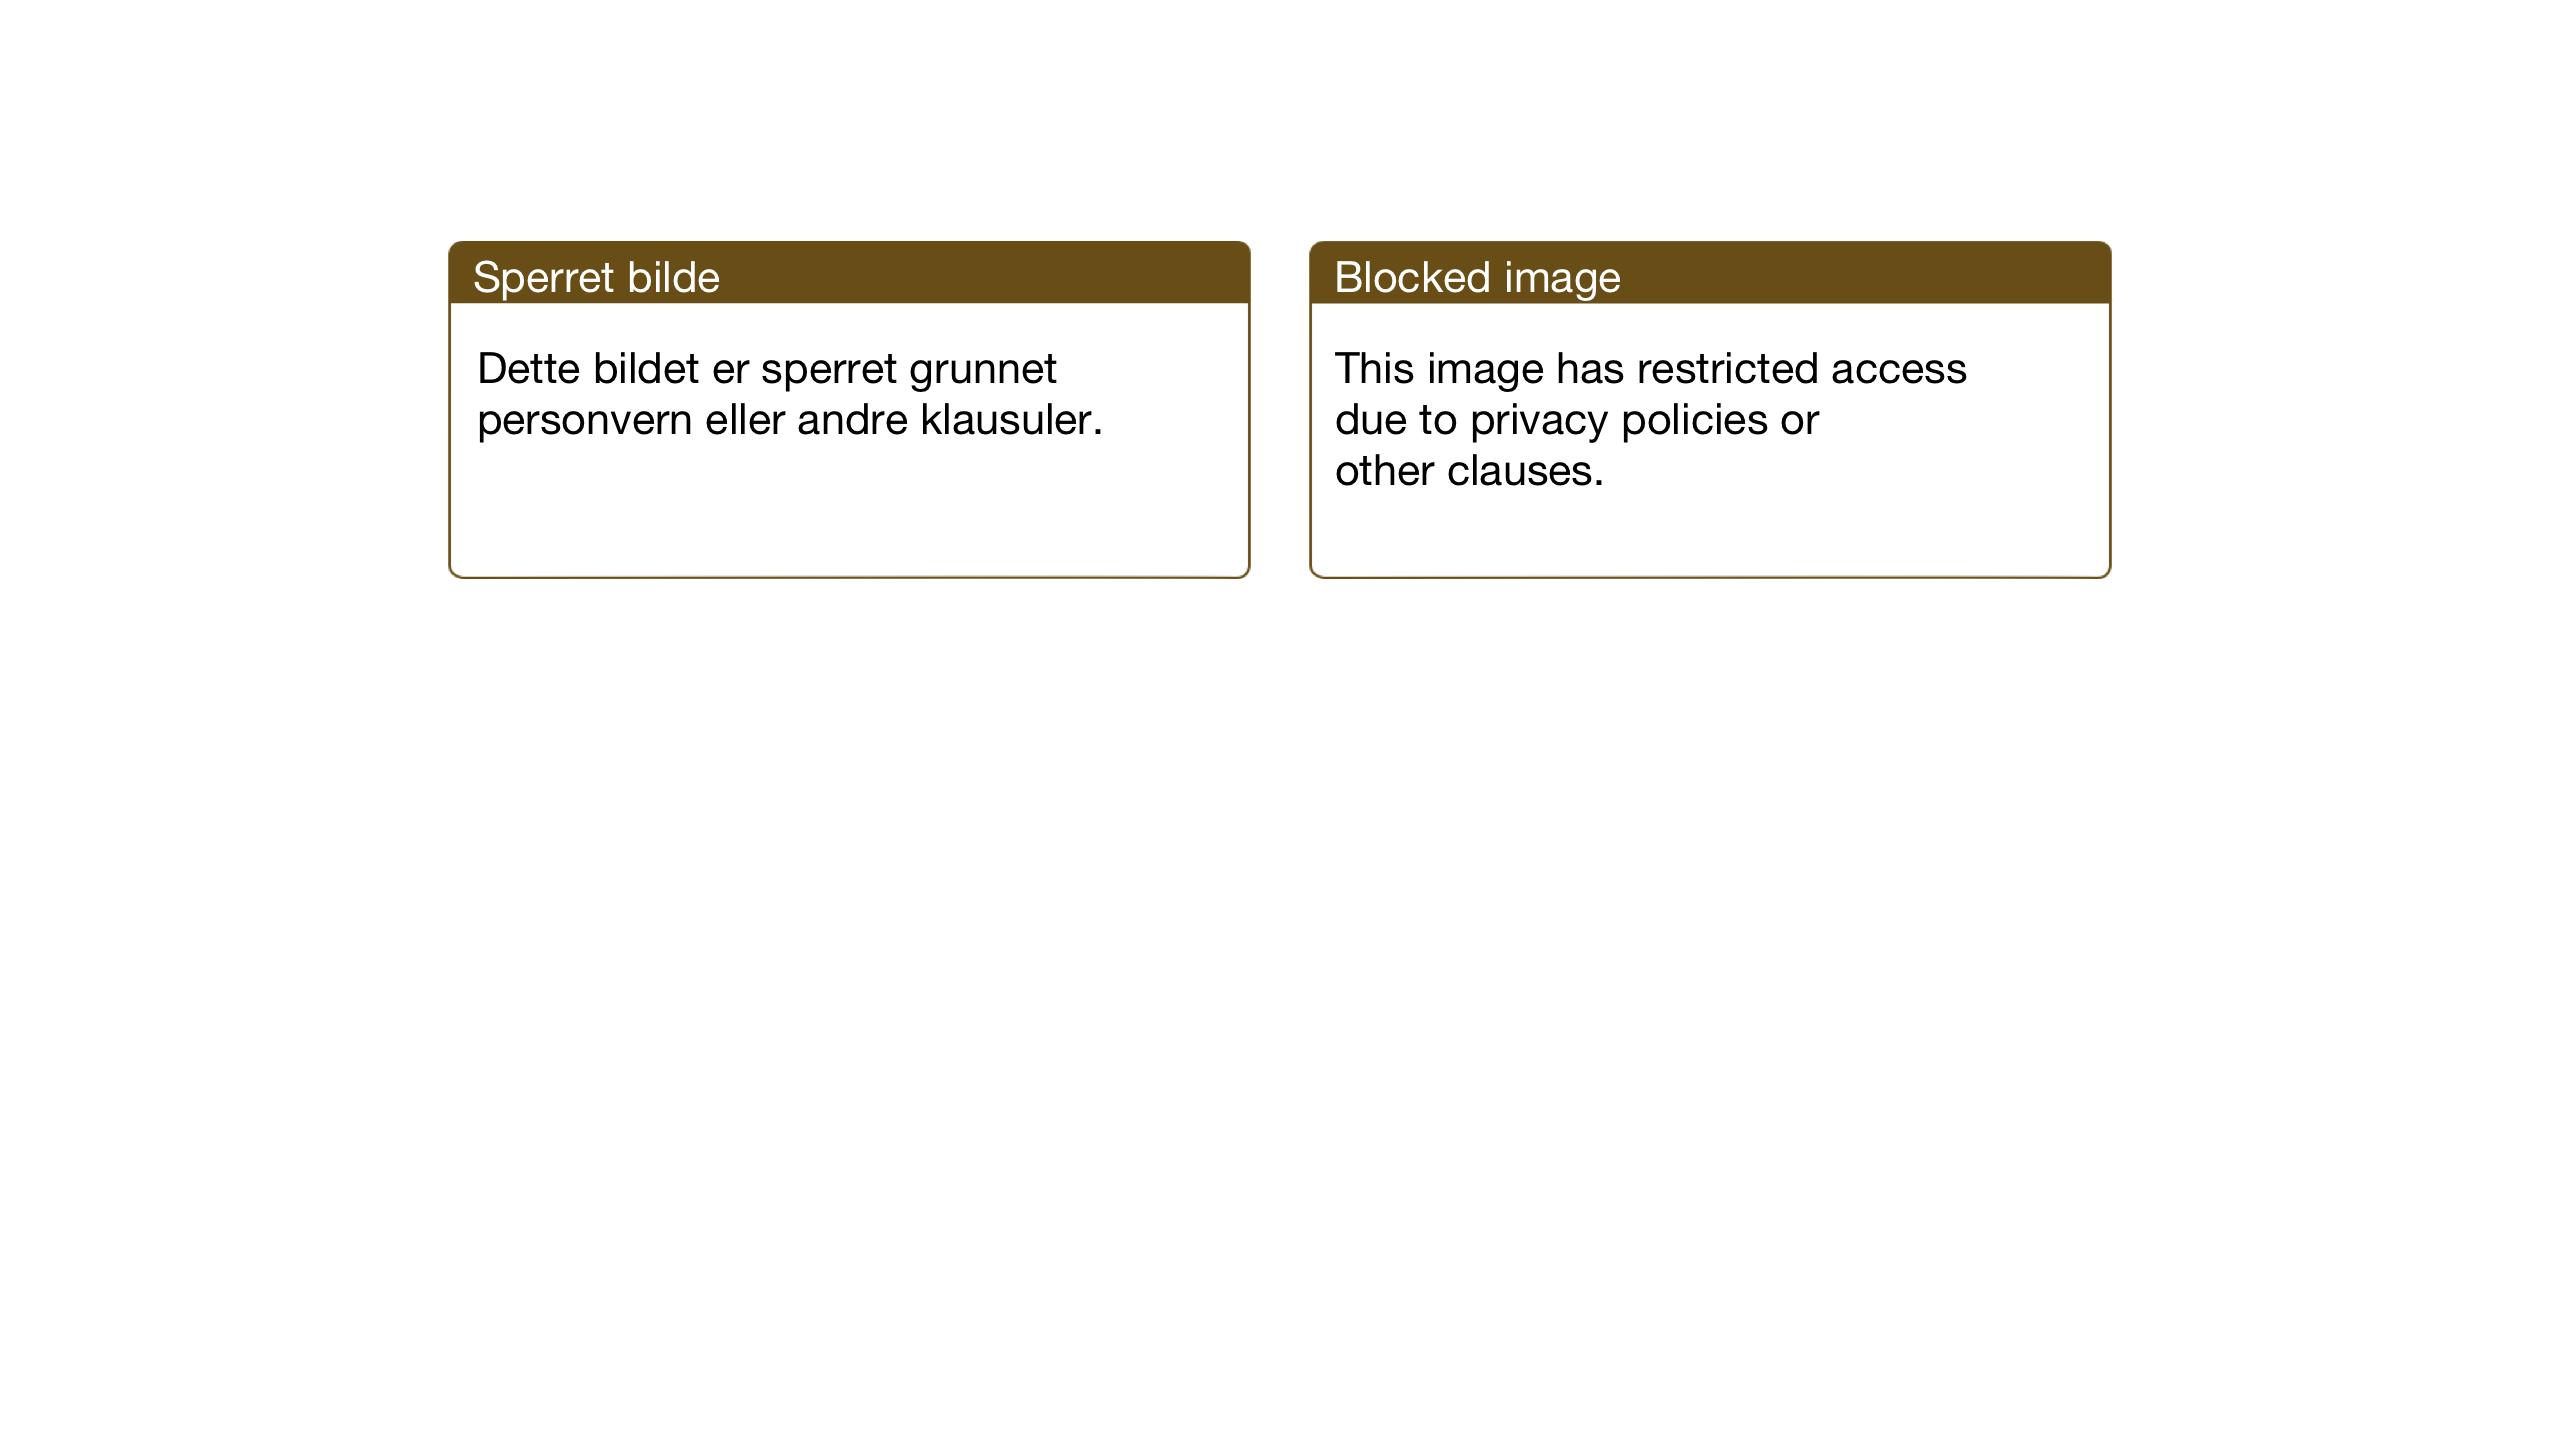 SAT, Ministerialprotokoller, klokkerbøker og fødselsregistre - Nord-Trøndelag, 732/L0319: Klokkerbok nr. 732C03, 1911-1945, s. 42